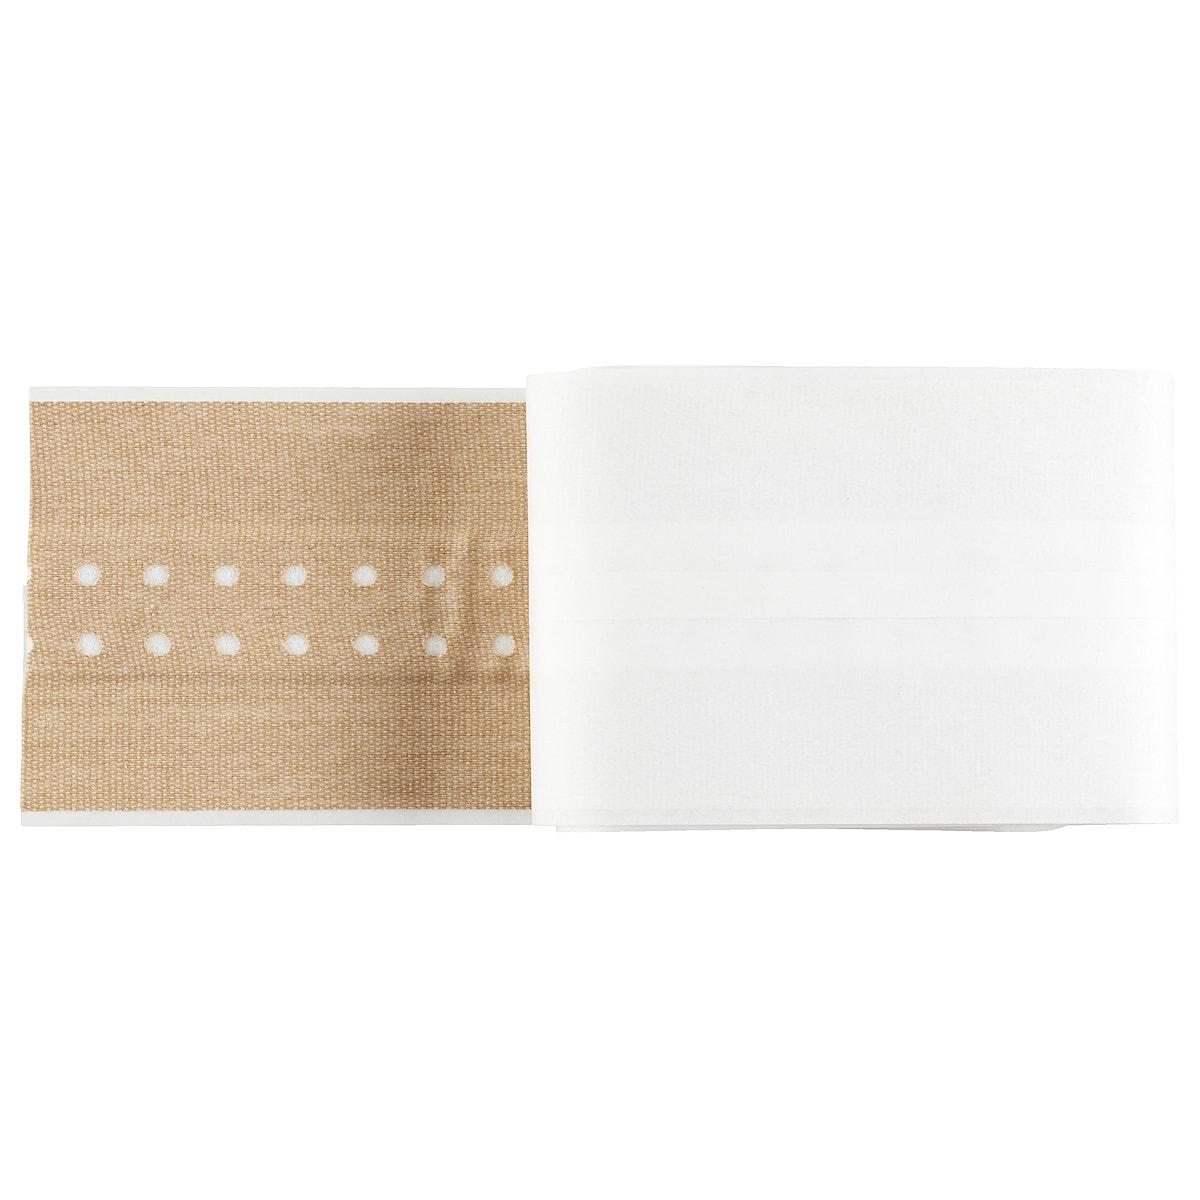 Kangaslaastari Salvequick Textile Elastic 75 cm